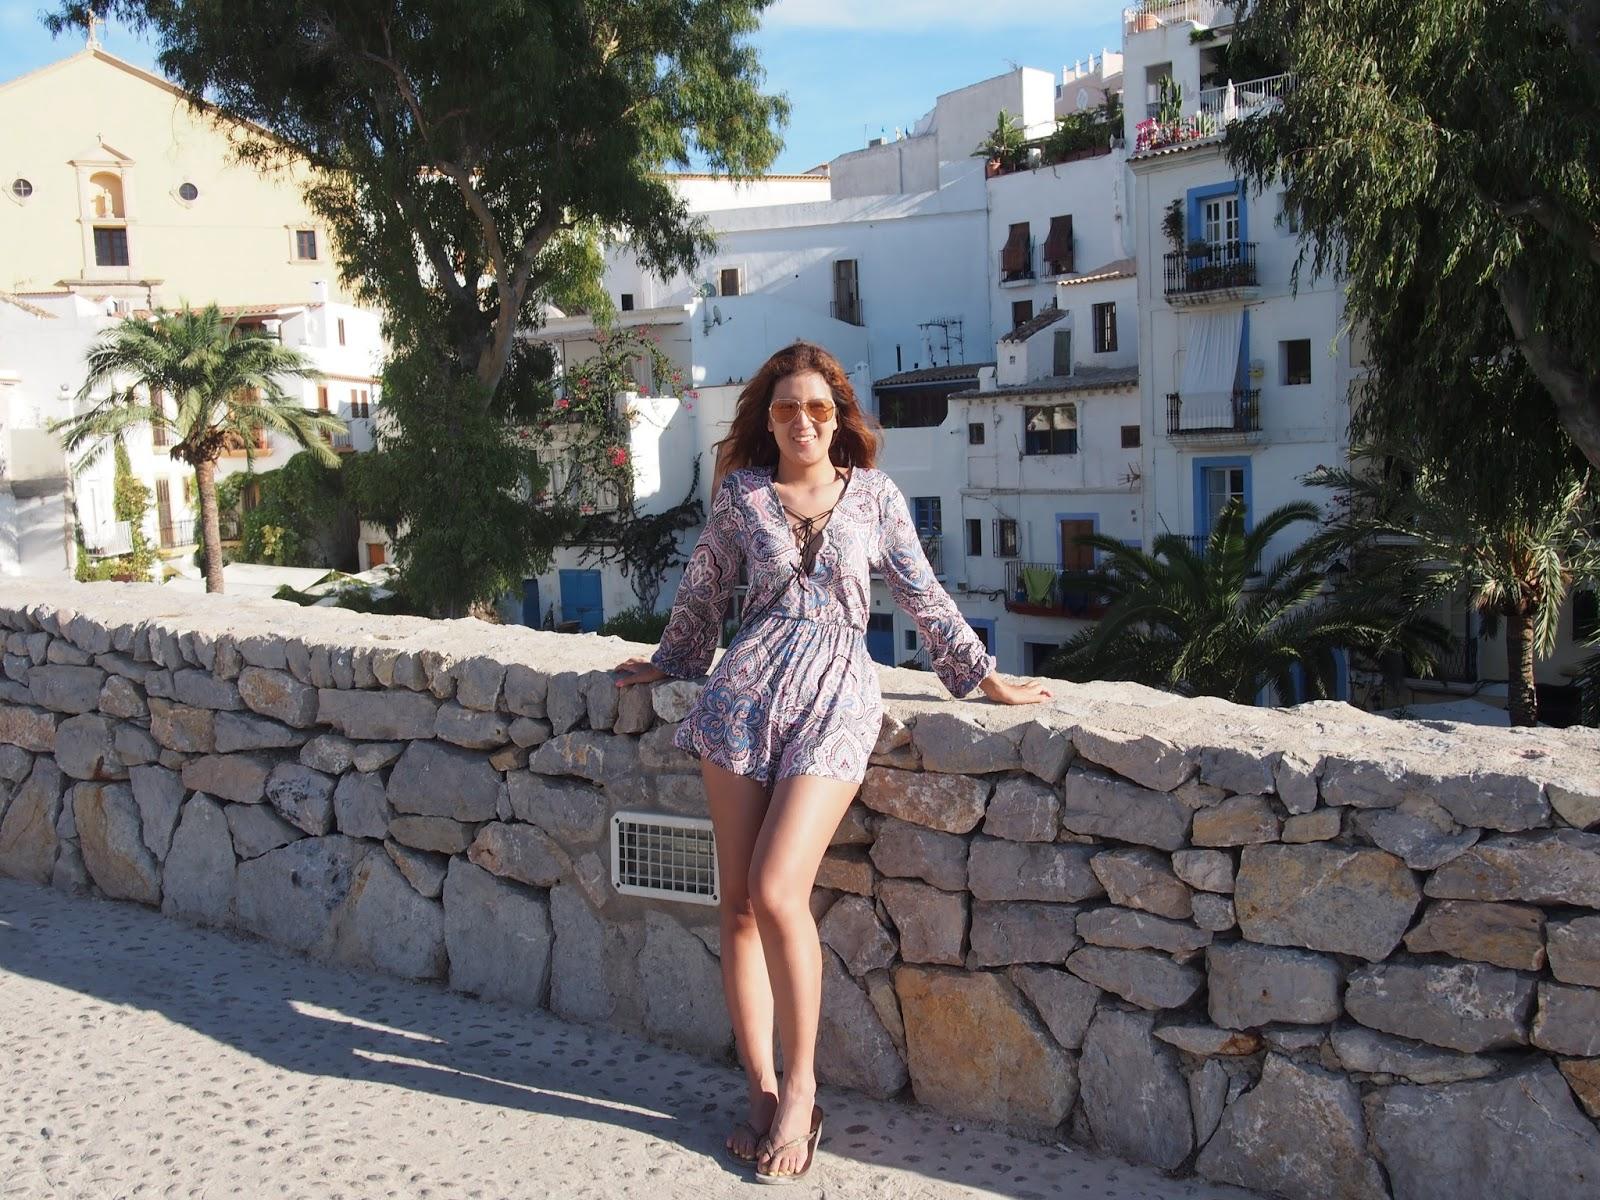 2015 Travel Diaries Ibiza Old Town And San Antonio De